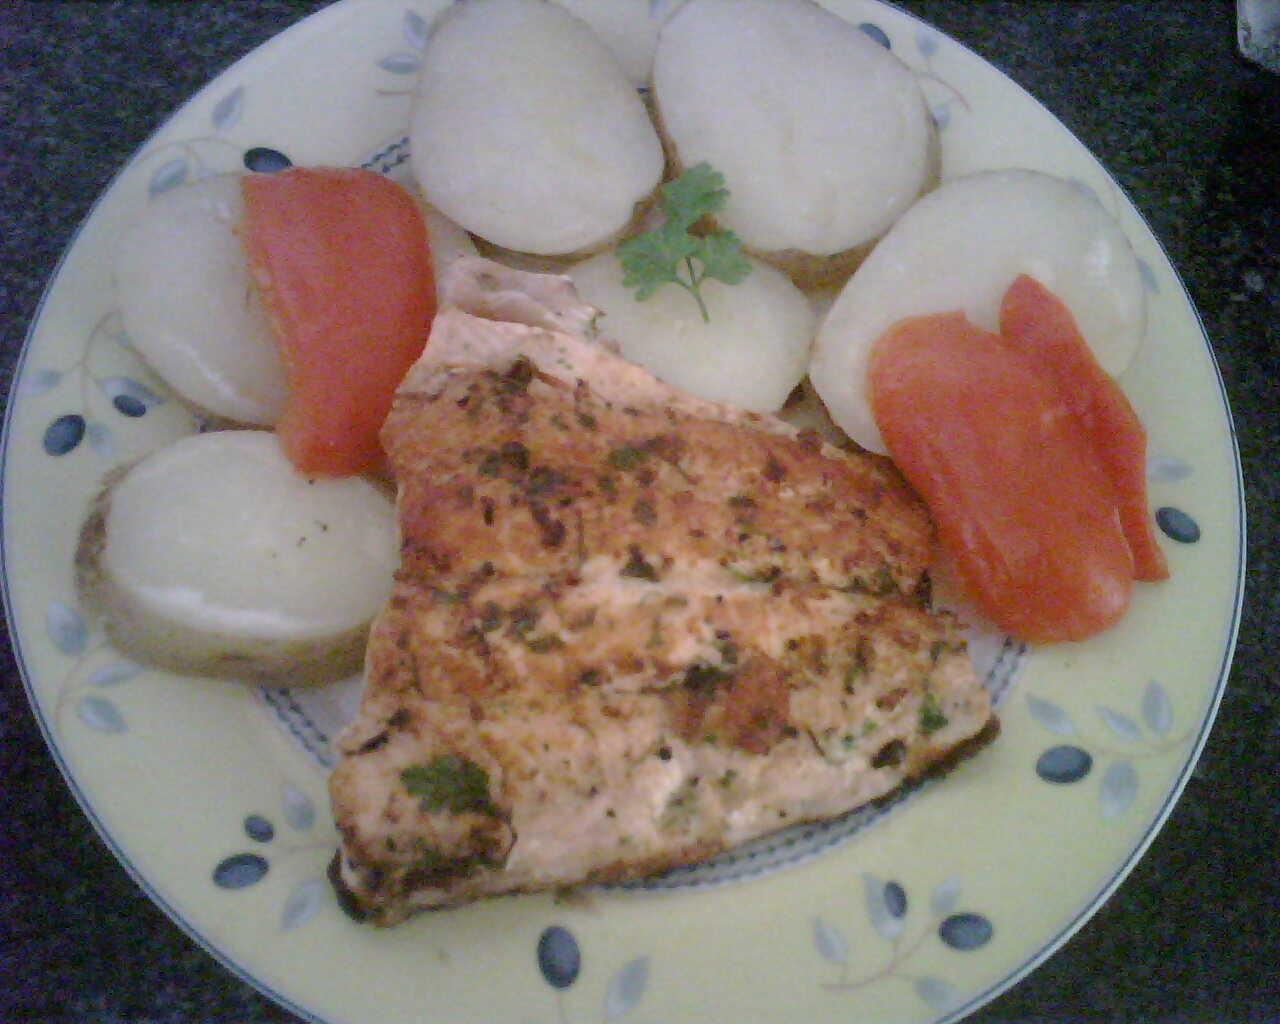 Cachelos con salm n a la plancha recetas de cocina for Como cocinar salmon plancha